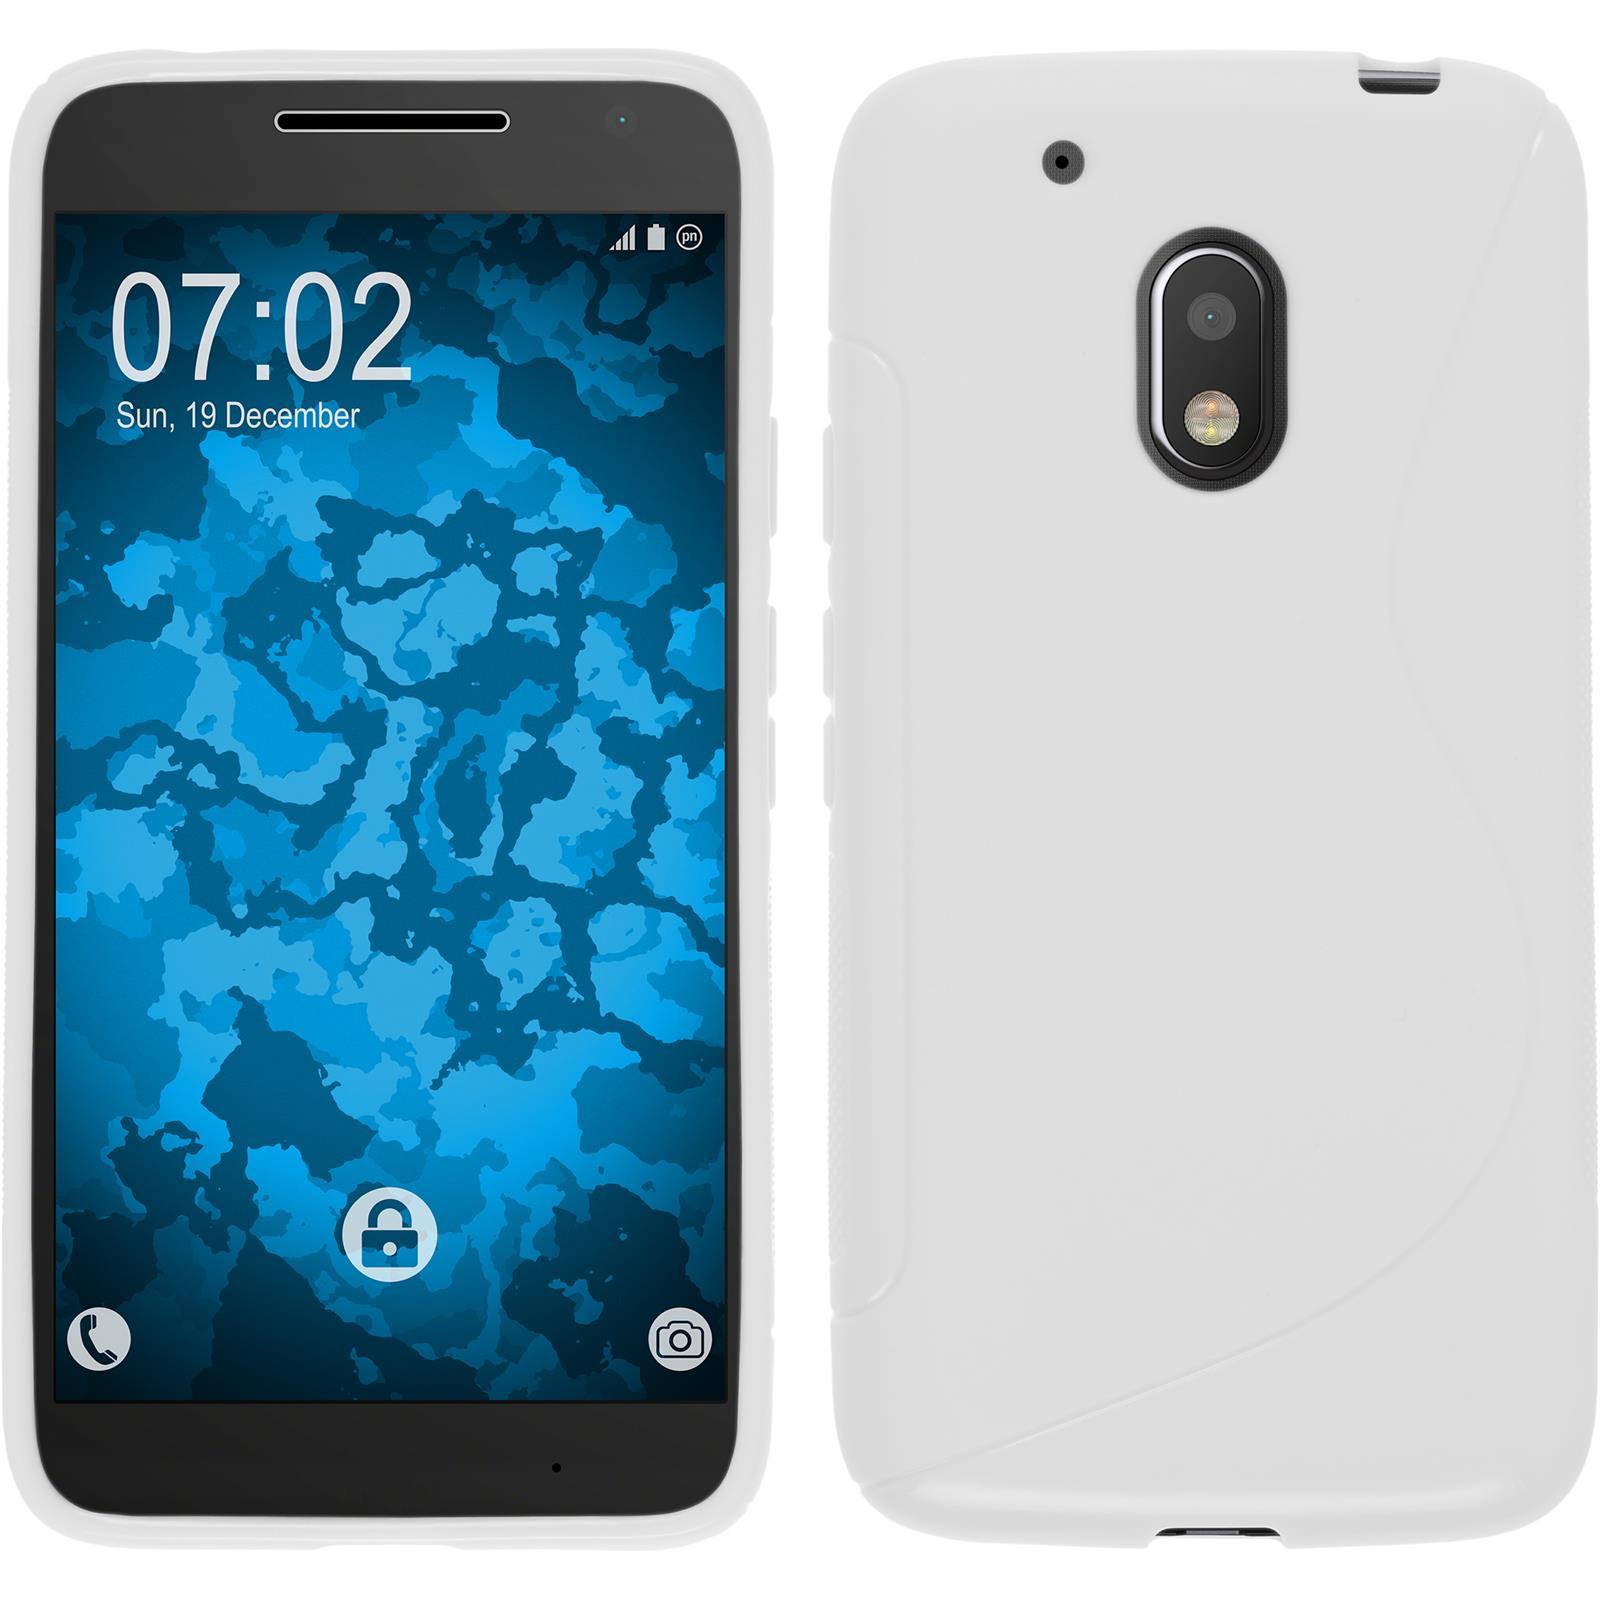 Funda-de-silicona-Motorola-Moto-G4-Play-S-Style-protector-de-pantalla